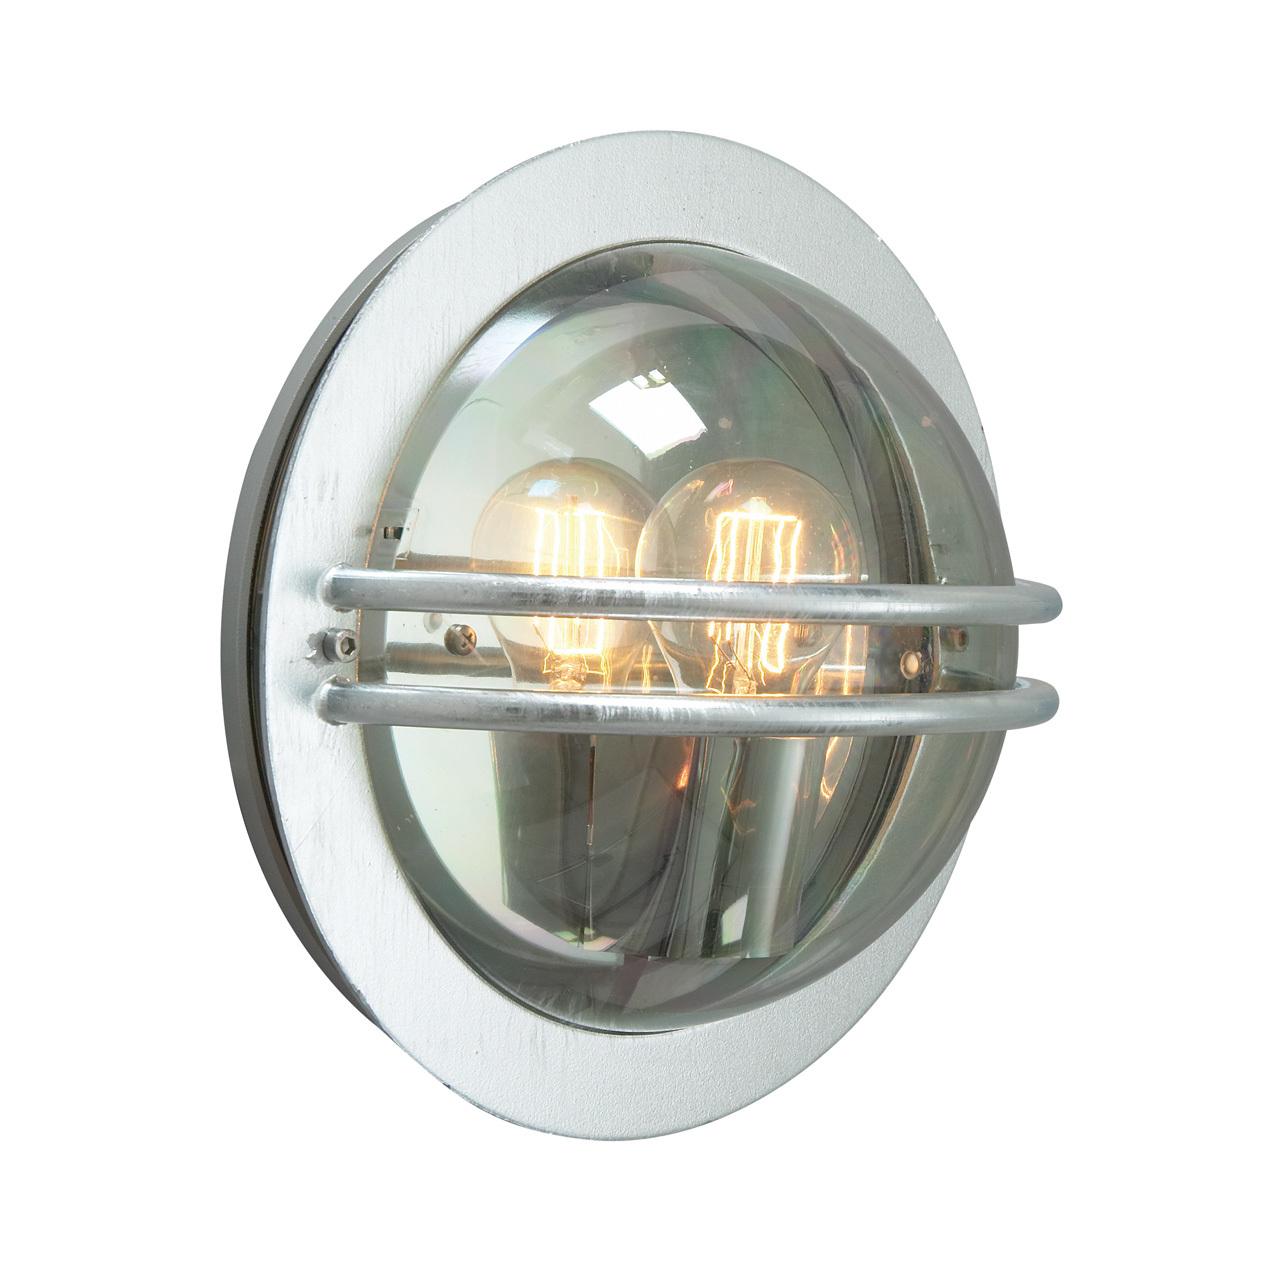 Lampa ścienna BREMEN 630GA -Norlys  SPRAWDŹ RABATY  5-10-15-20 % w koszyku